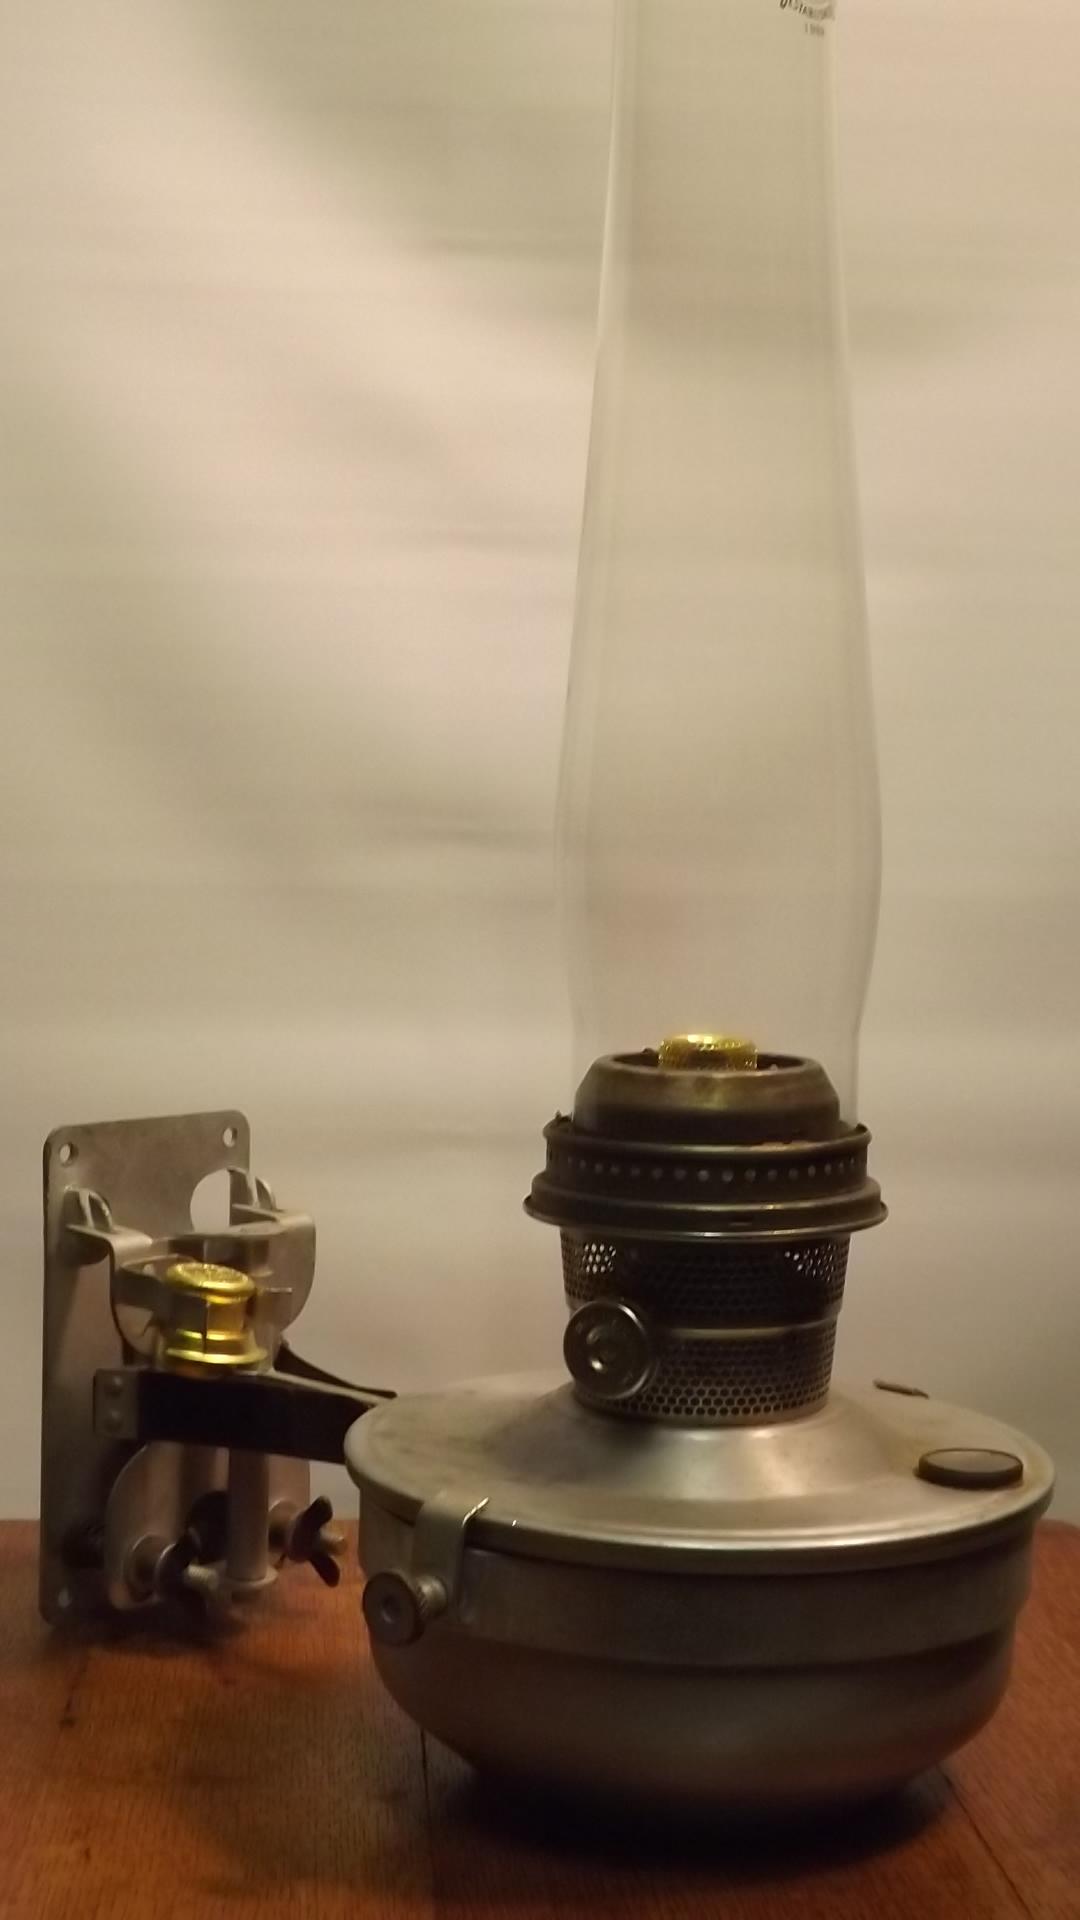 Caboose Lamp